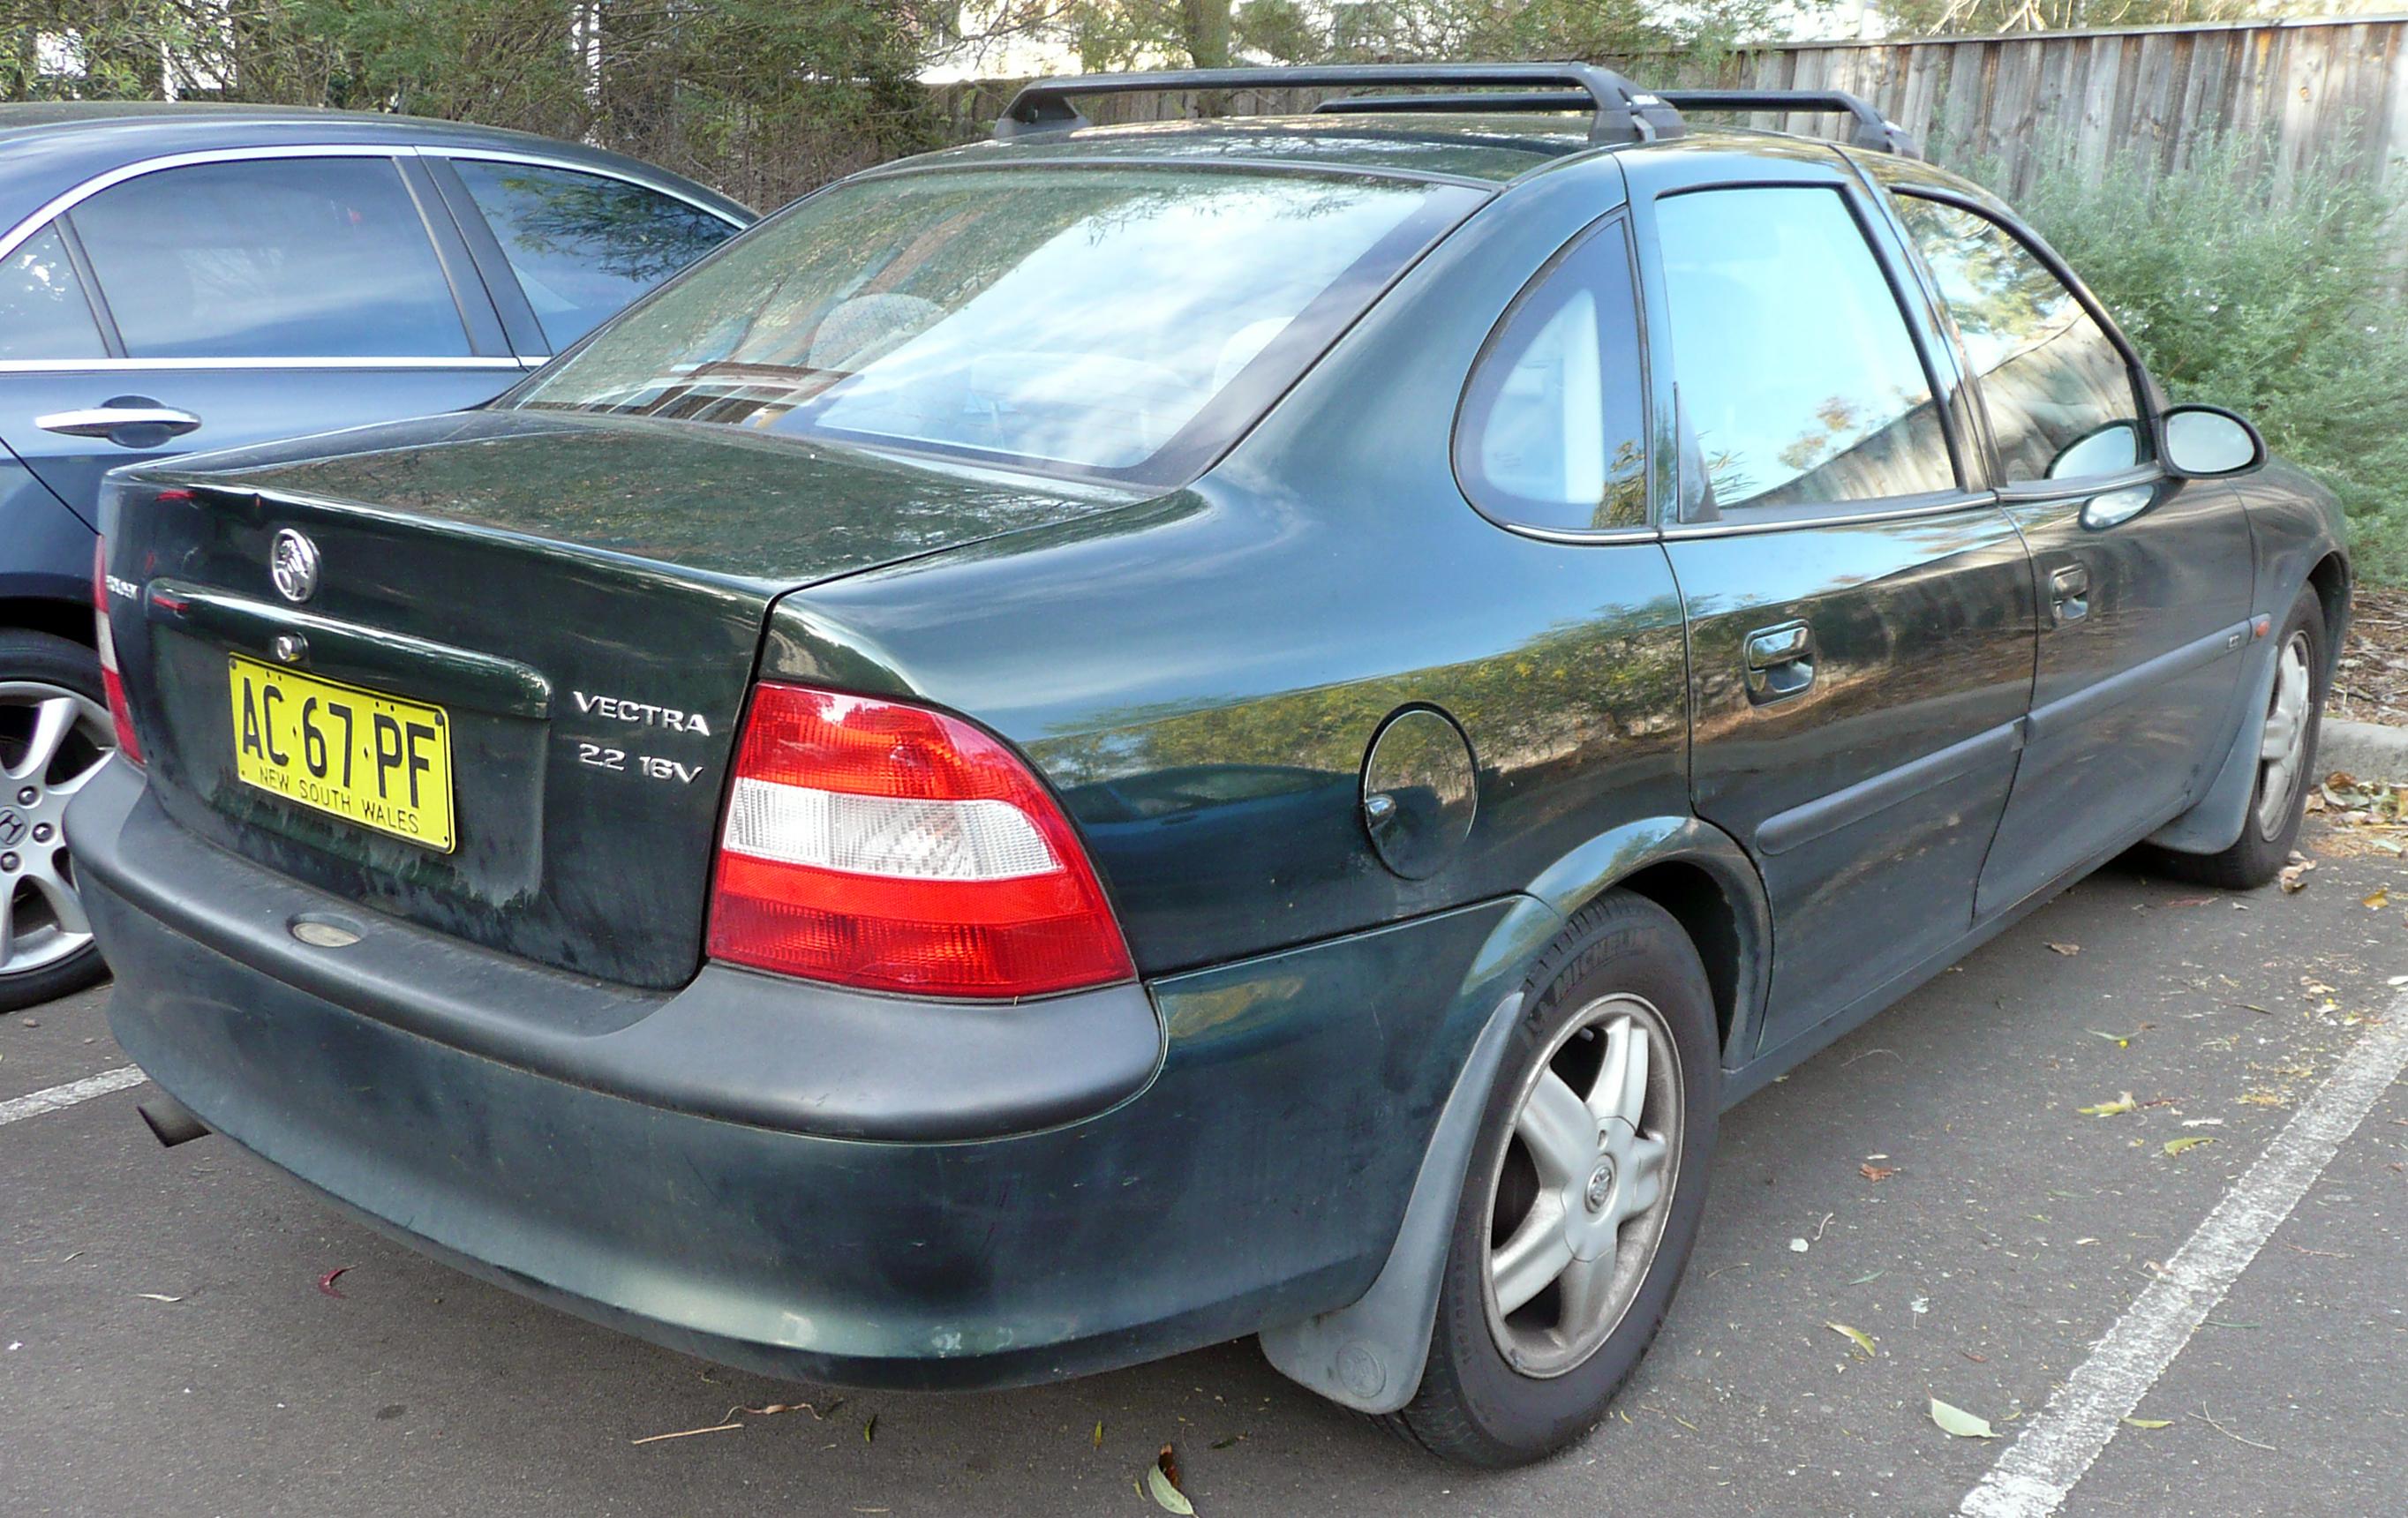 File:1999 Holden Vectra (JS) CD sedan (2009-08-29